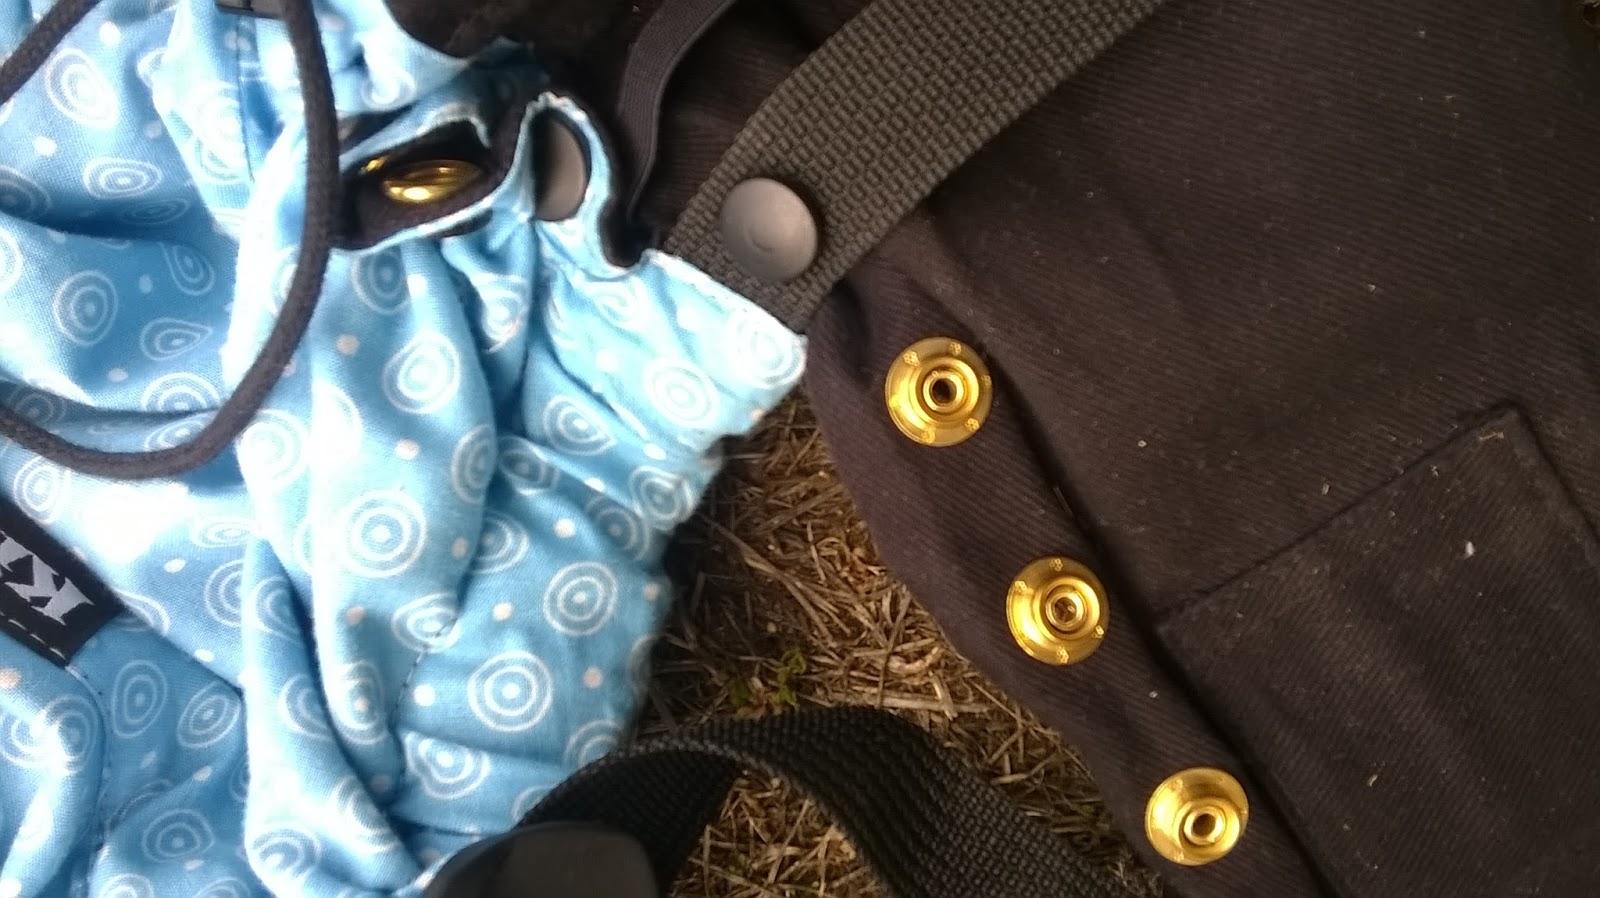 KIBI test préformé avis dimensions taille évolutif babycarrier size régler  assise pressions taille bambin réglage portage 1f304d2bb10